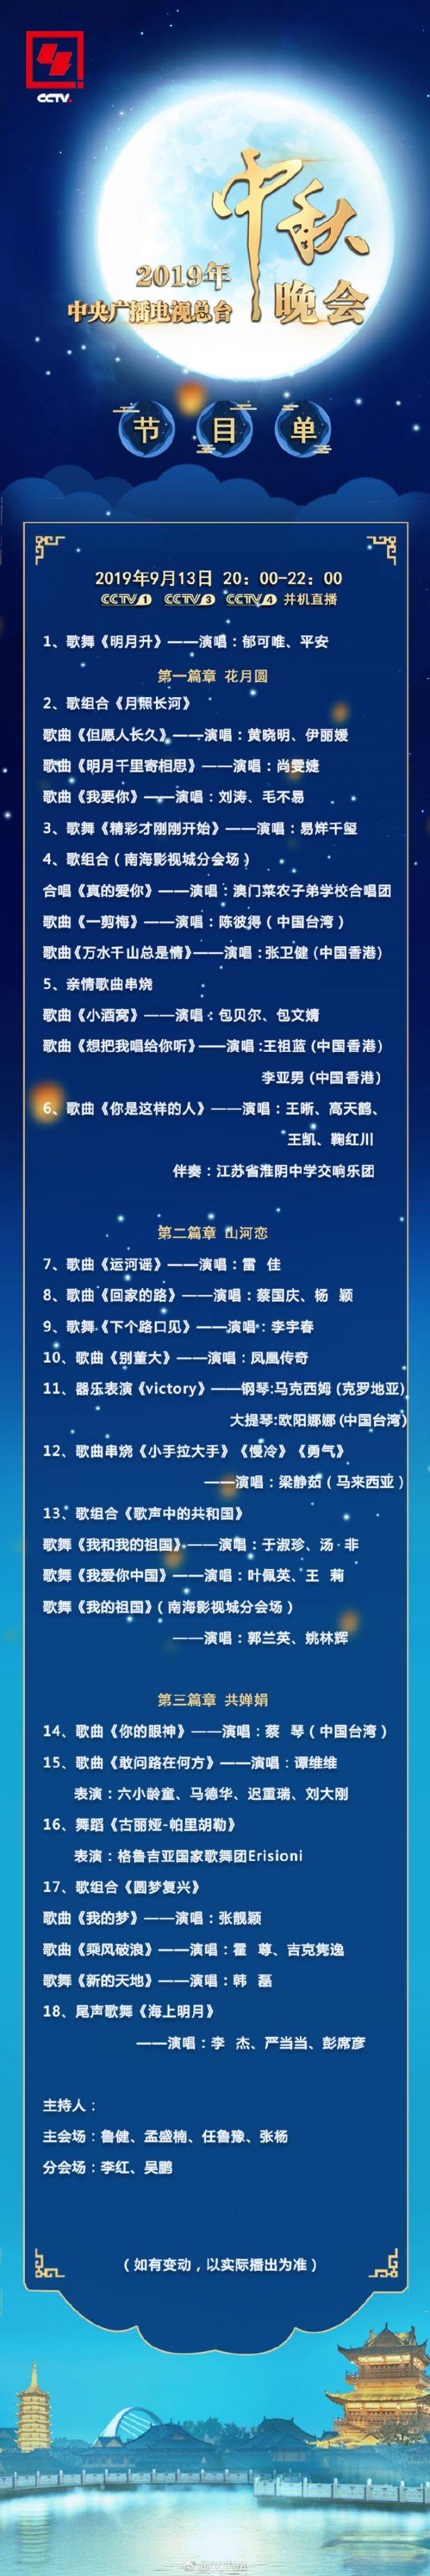 2019央视中秋晚会节目单完整版